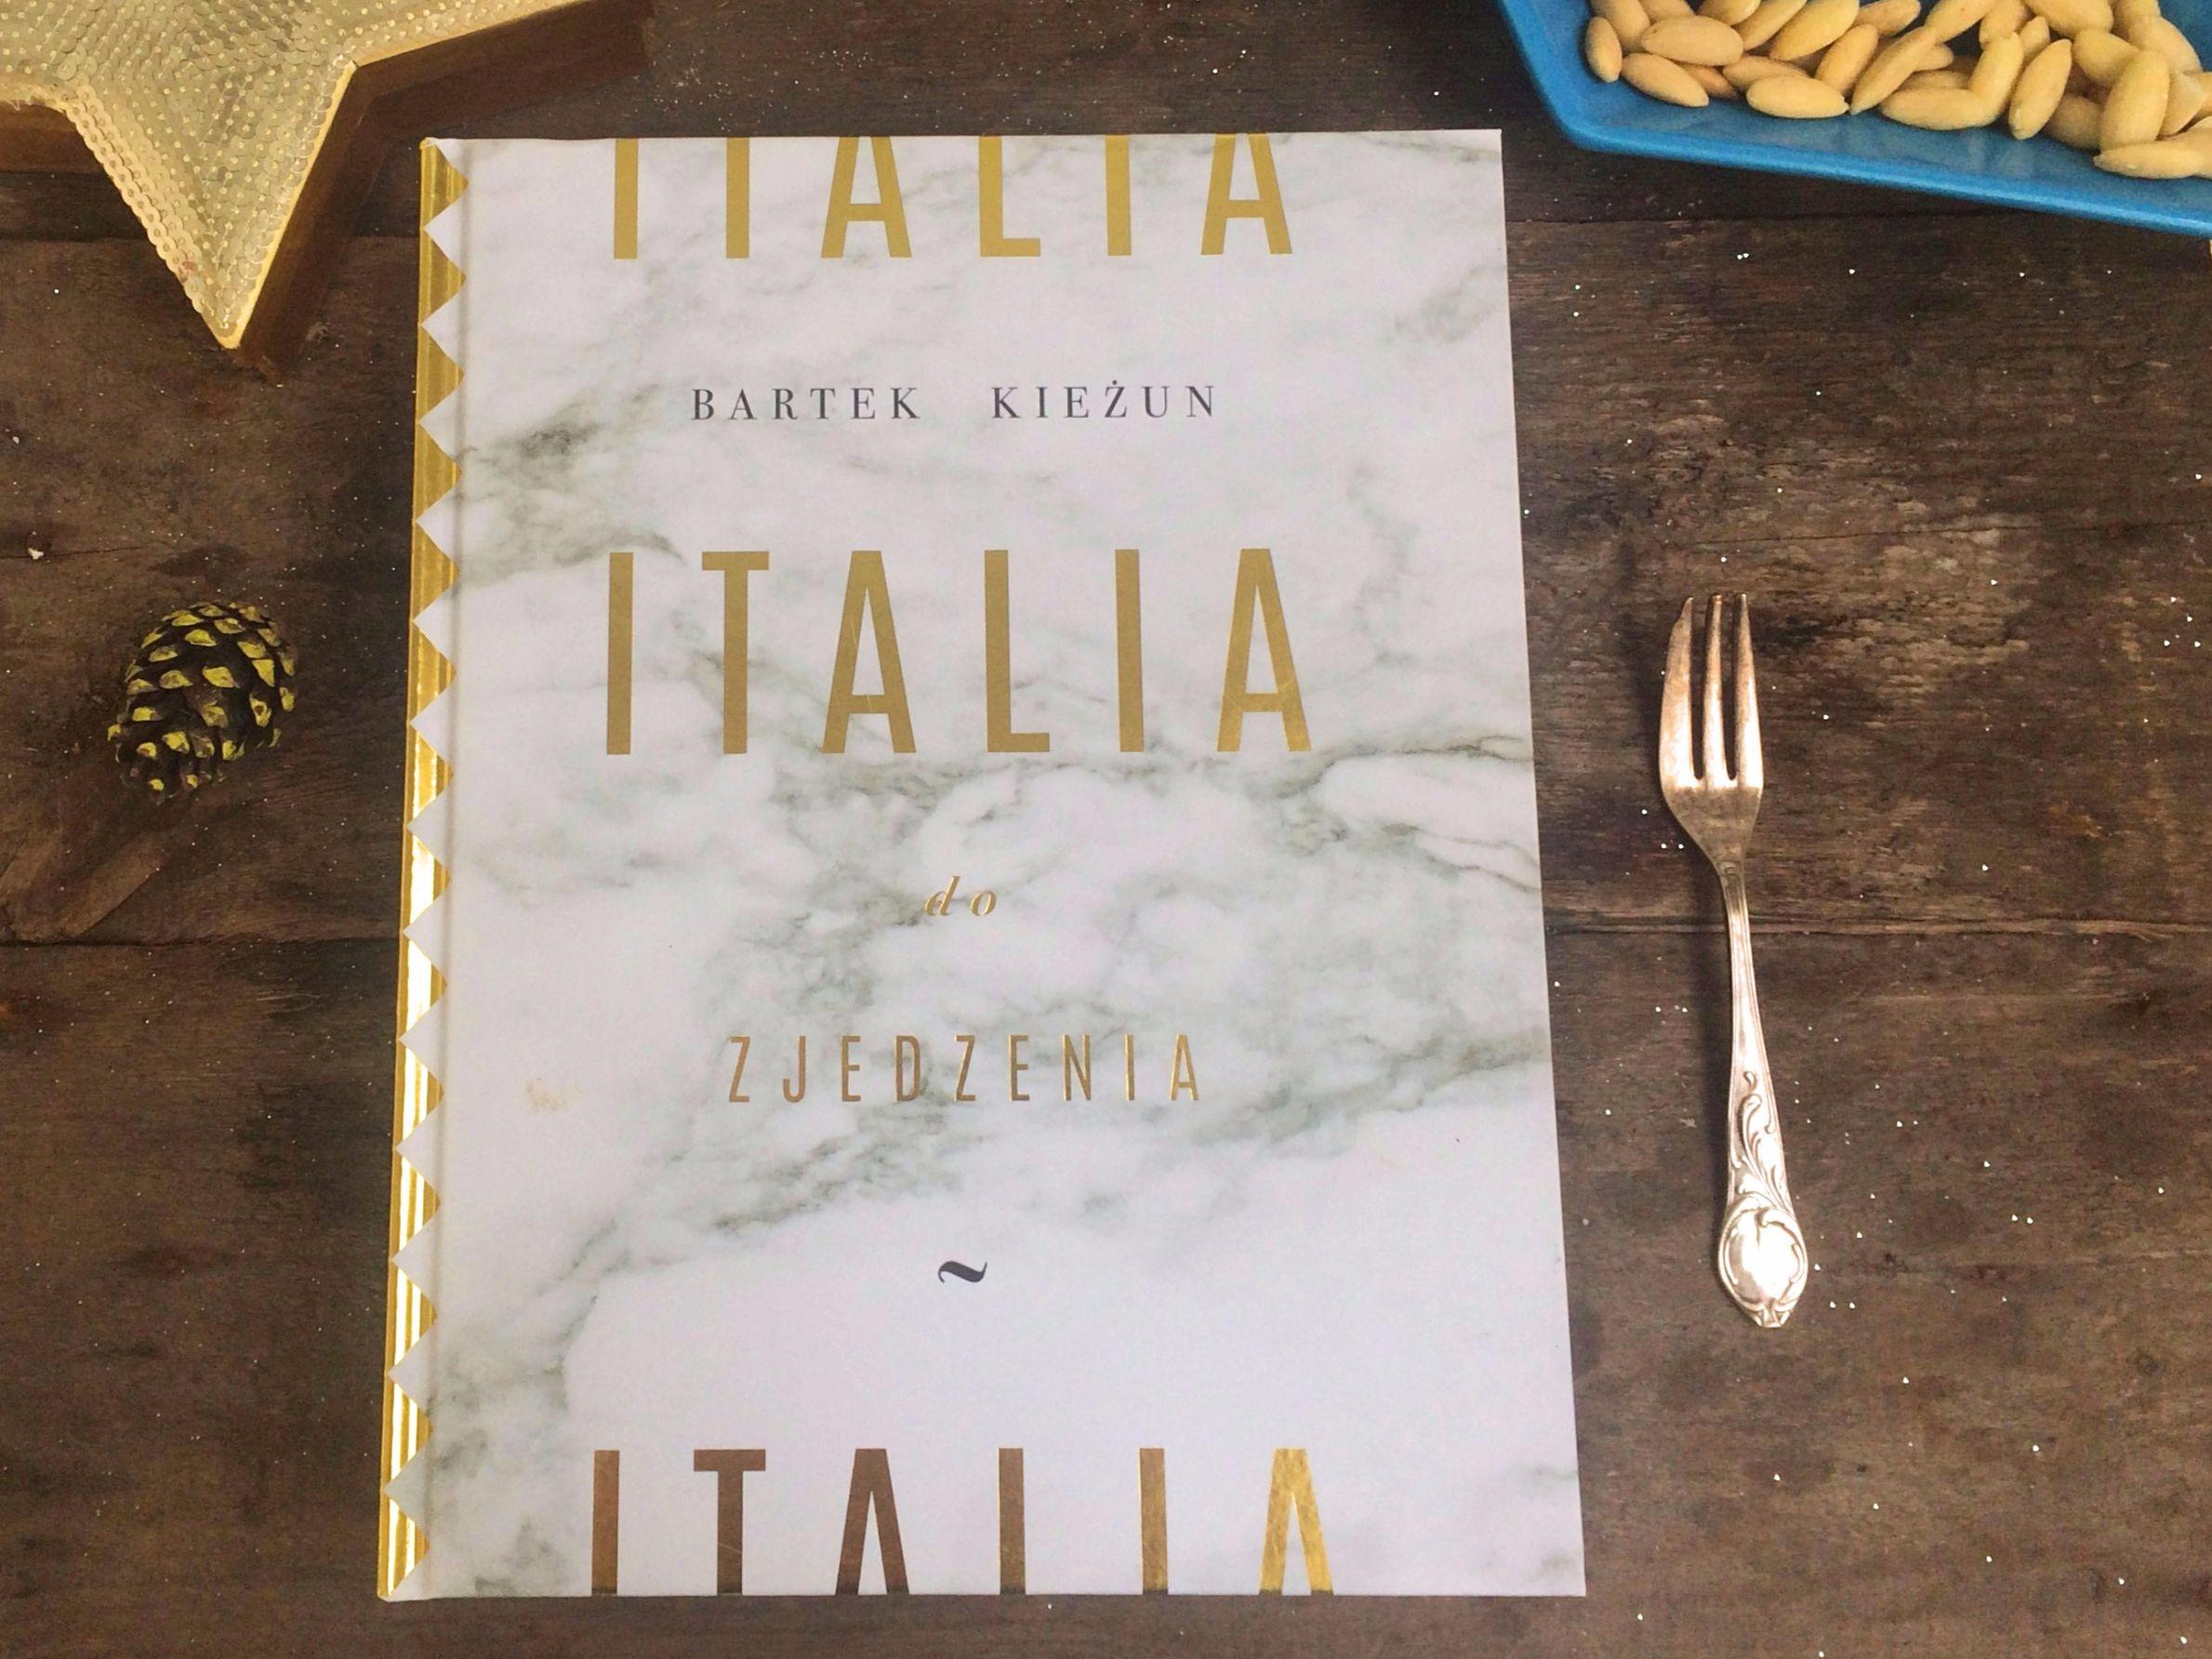 """""""Italia do zjedzenia"""" – Bartek Kieżun – recenzja"""